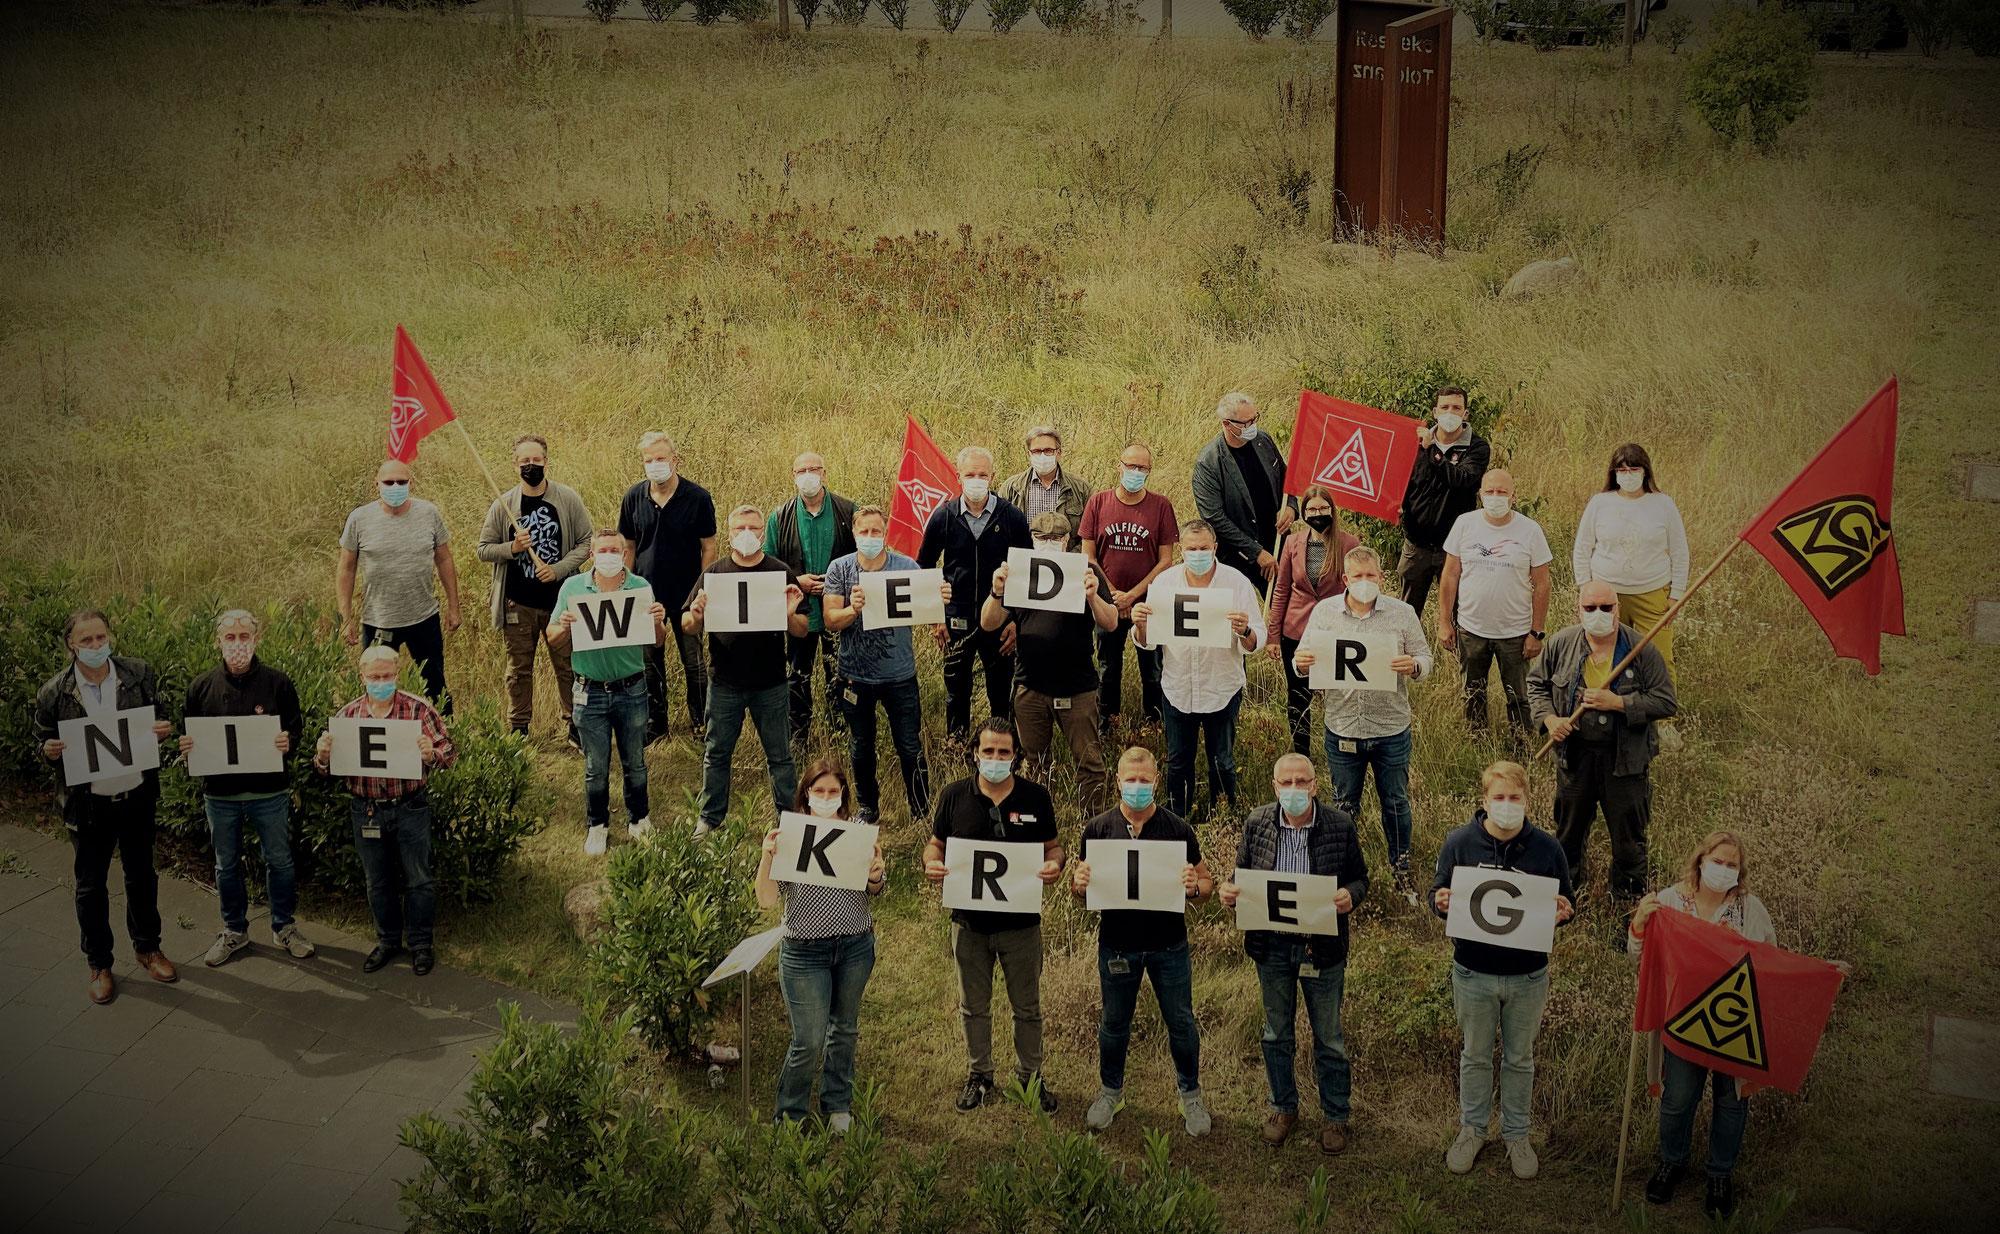 Nie wieder Krieg! Nie wieder Faschismus!